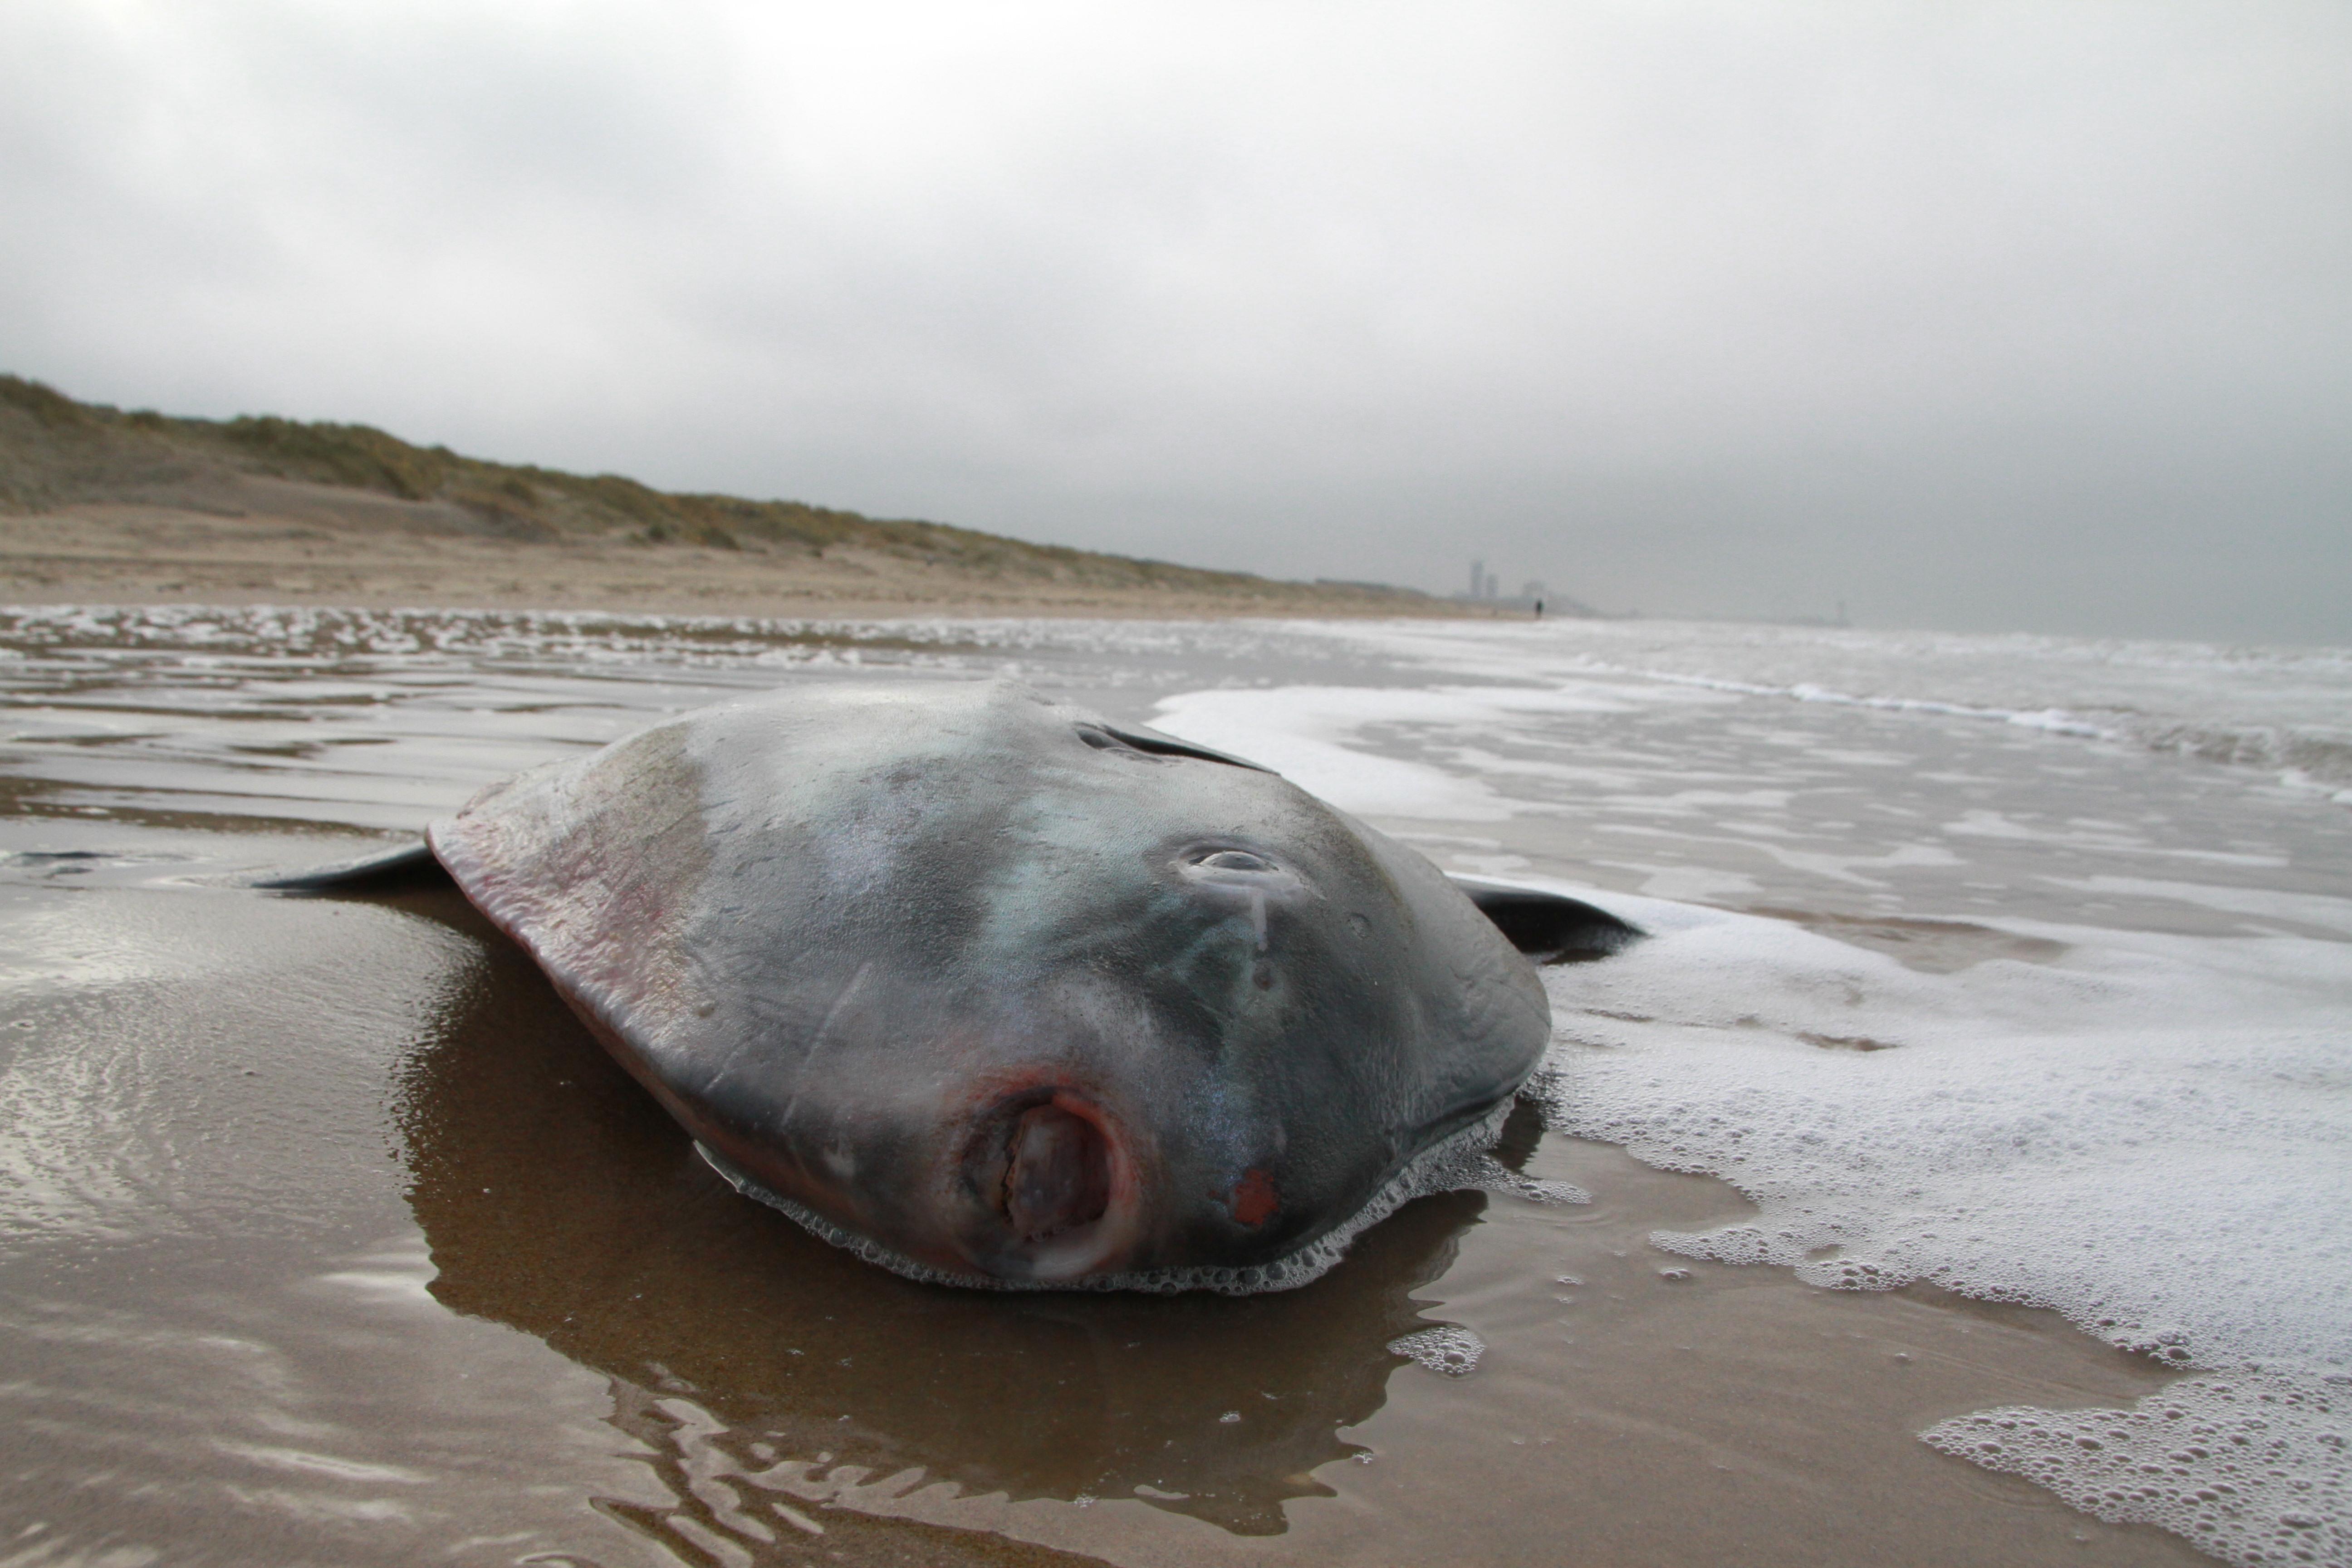 Maanvis aangespoeld op strand Wassenaar